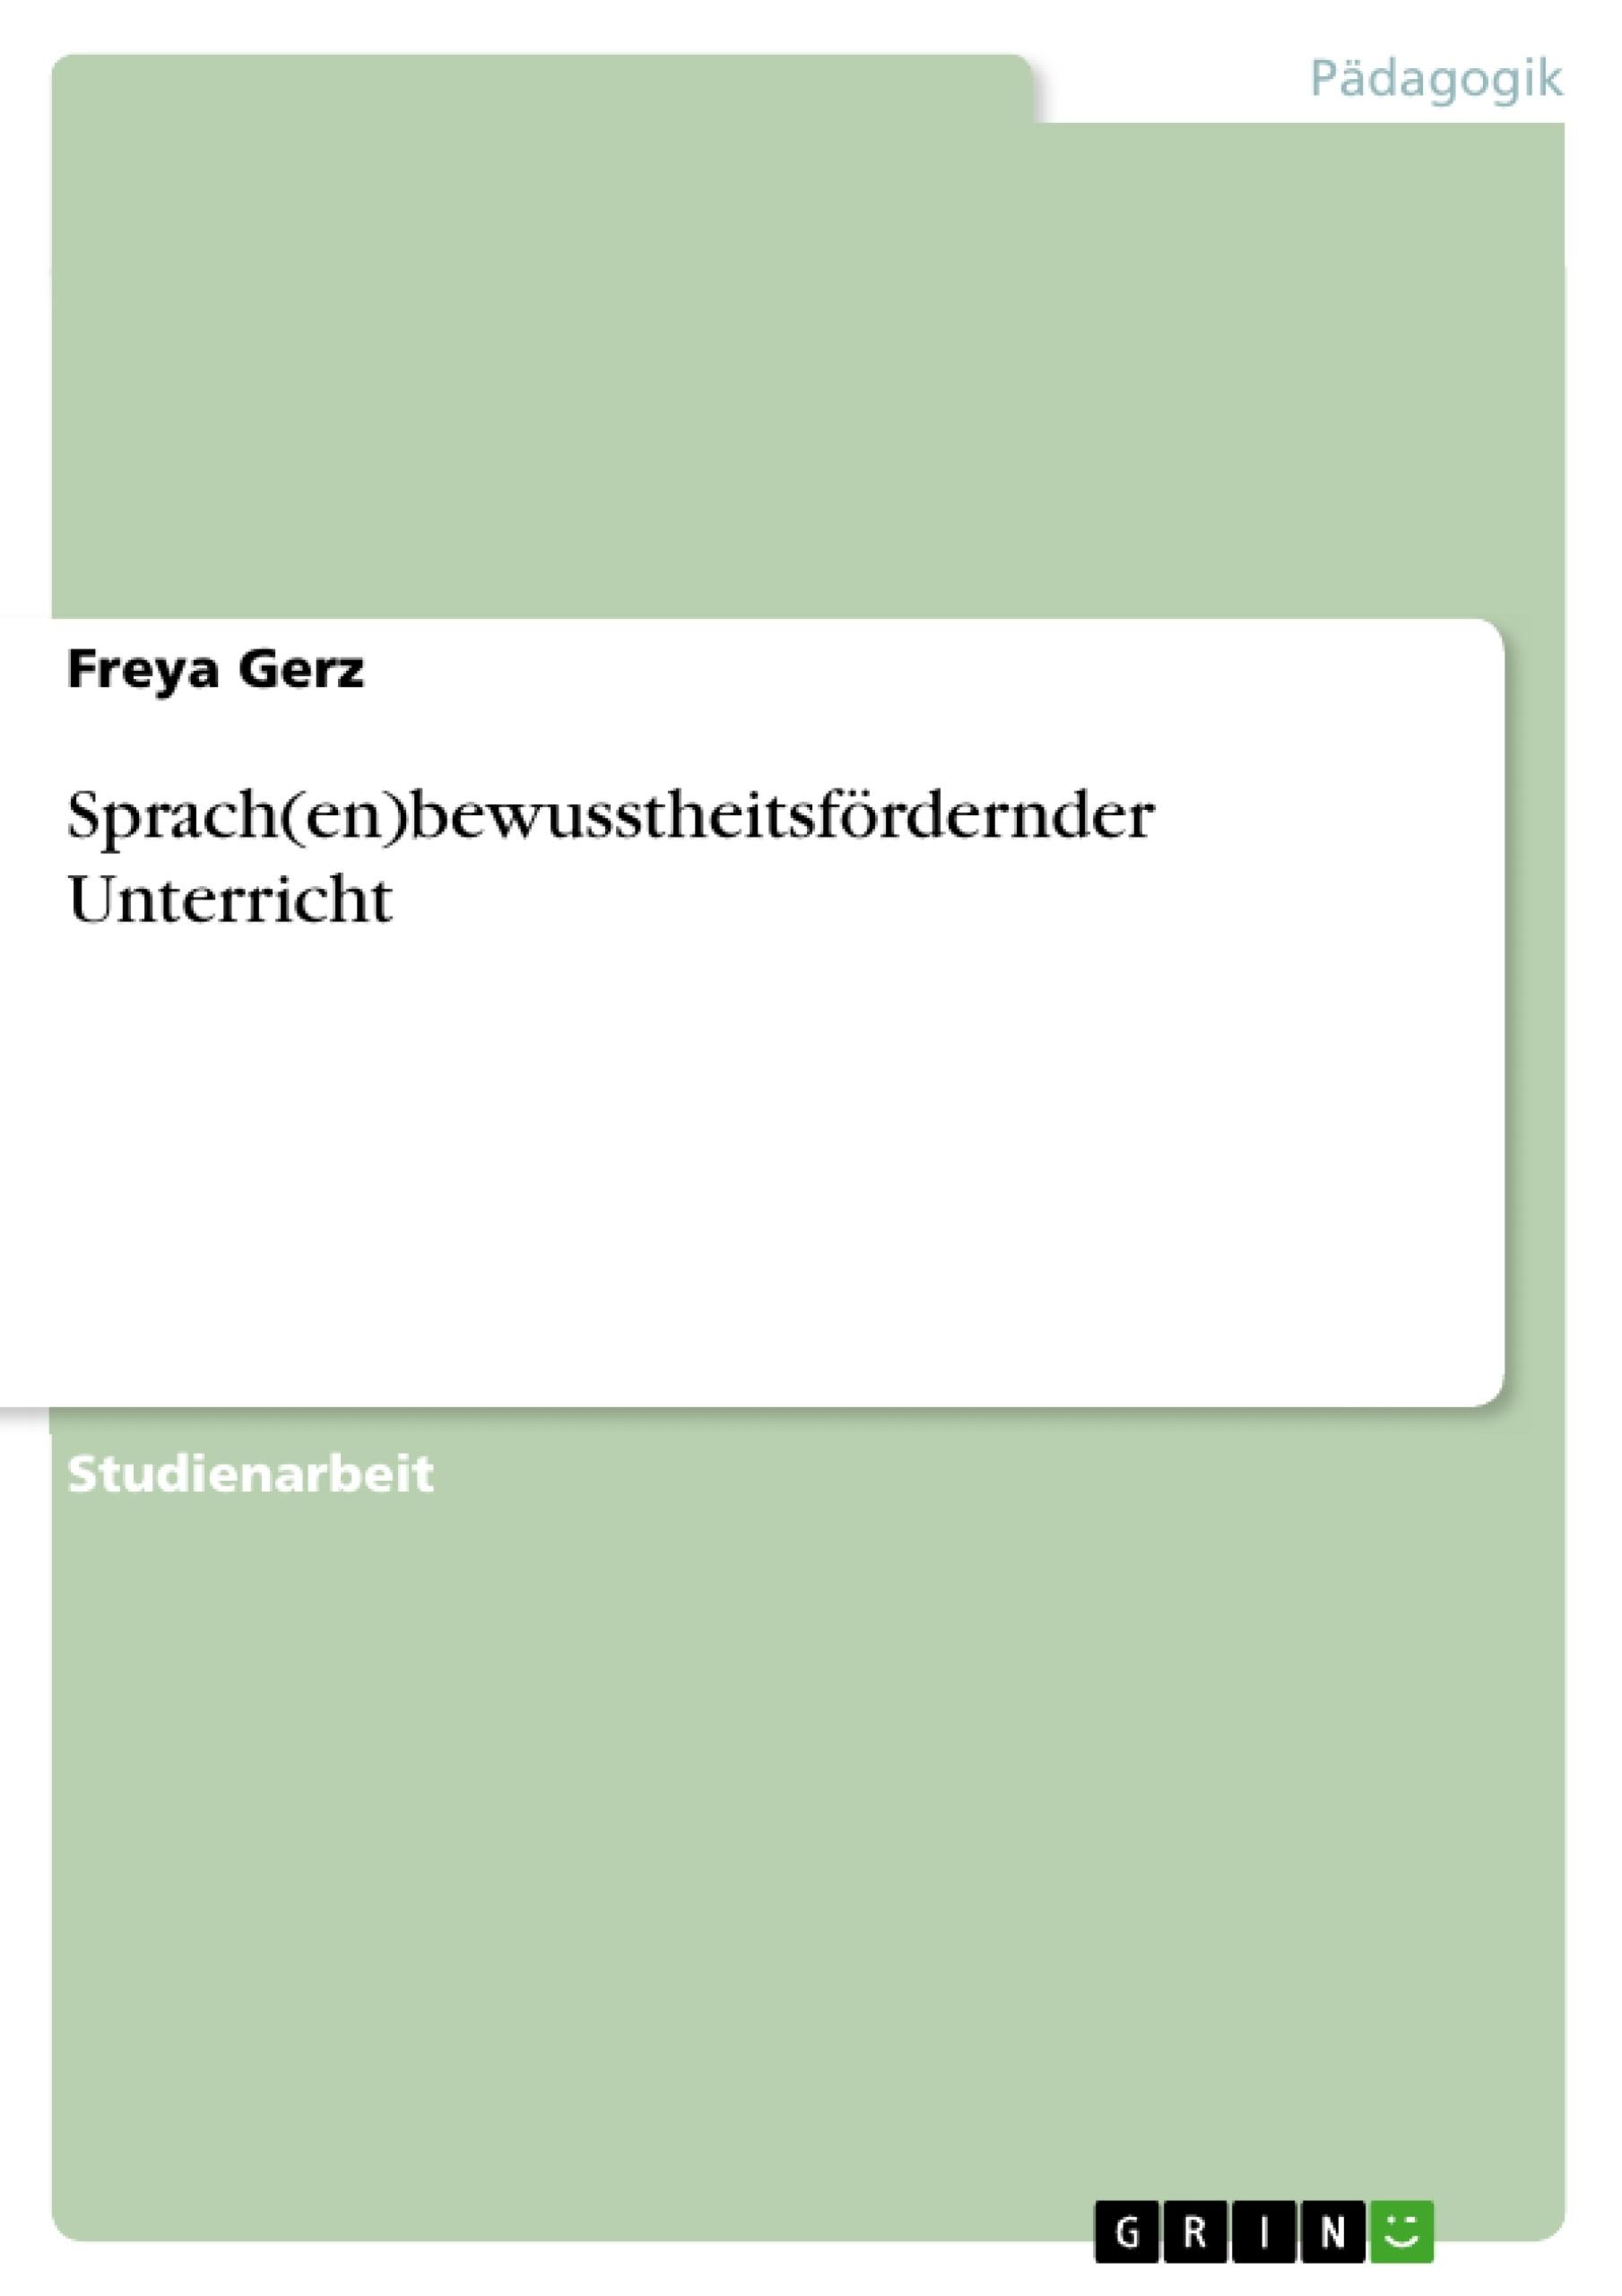 Titel: Sprach(en)bewusstheitsfördernder Unterricht